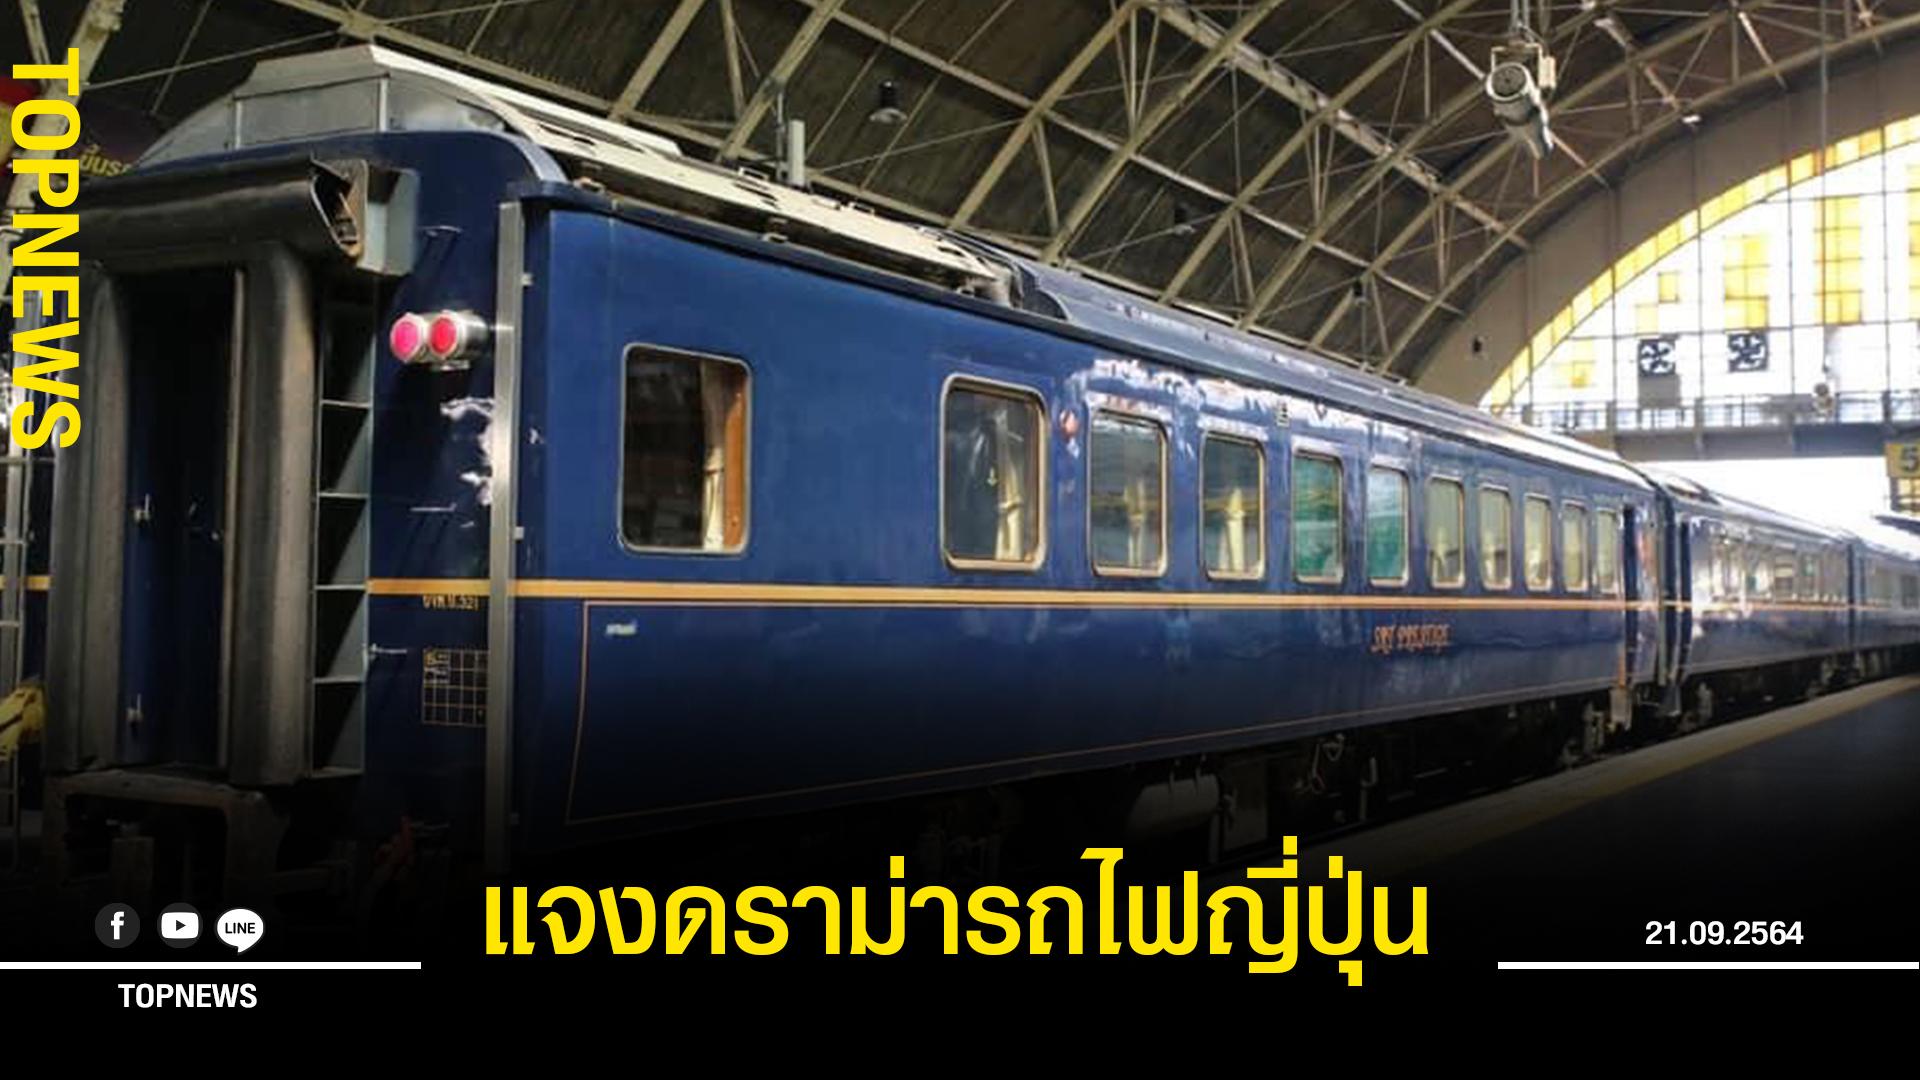 รฟท.แจงยิบปมดราม่า ขนาดความกว้างล้อรถไฟญี่ปุ่นบริจาค นำมาวิ่งบนรางไทยไม่ได้!